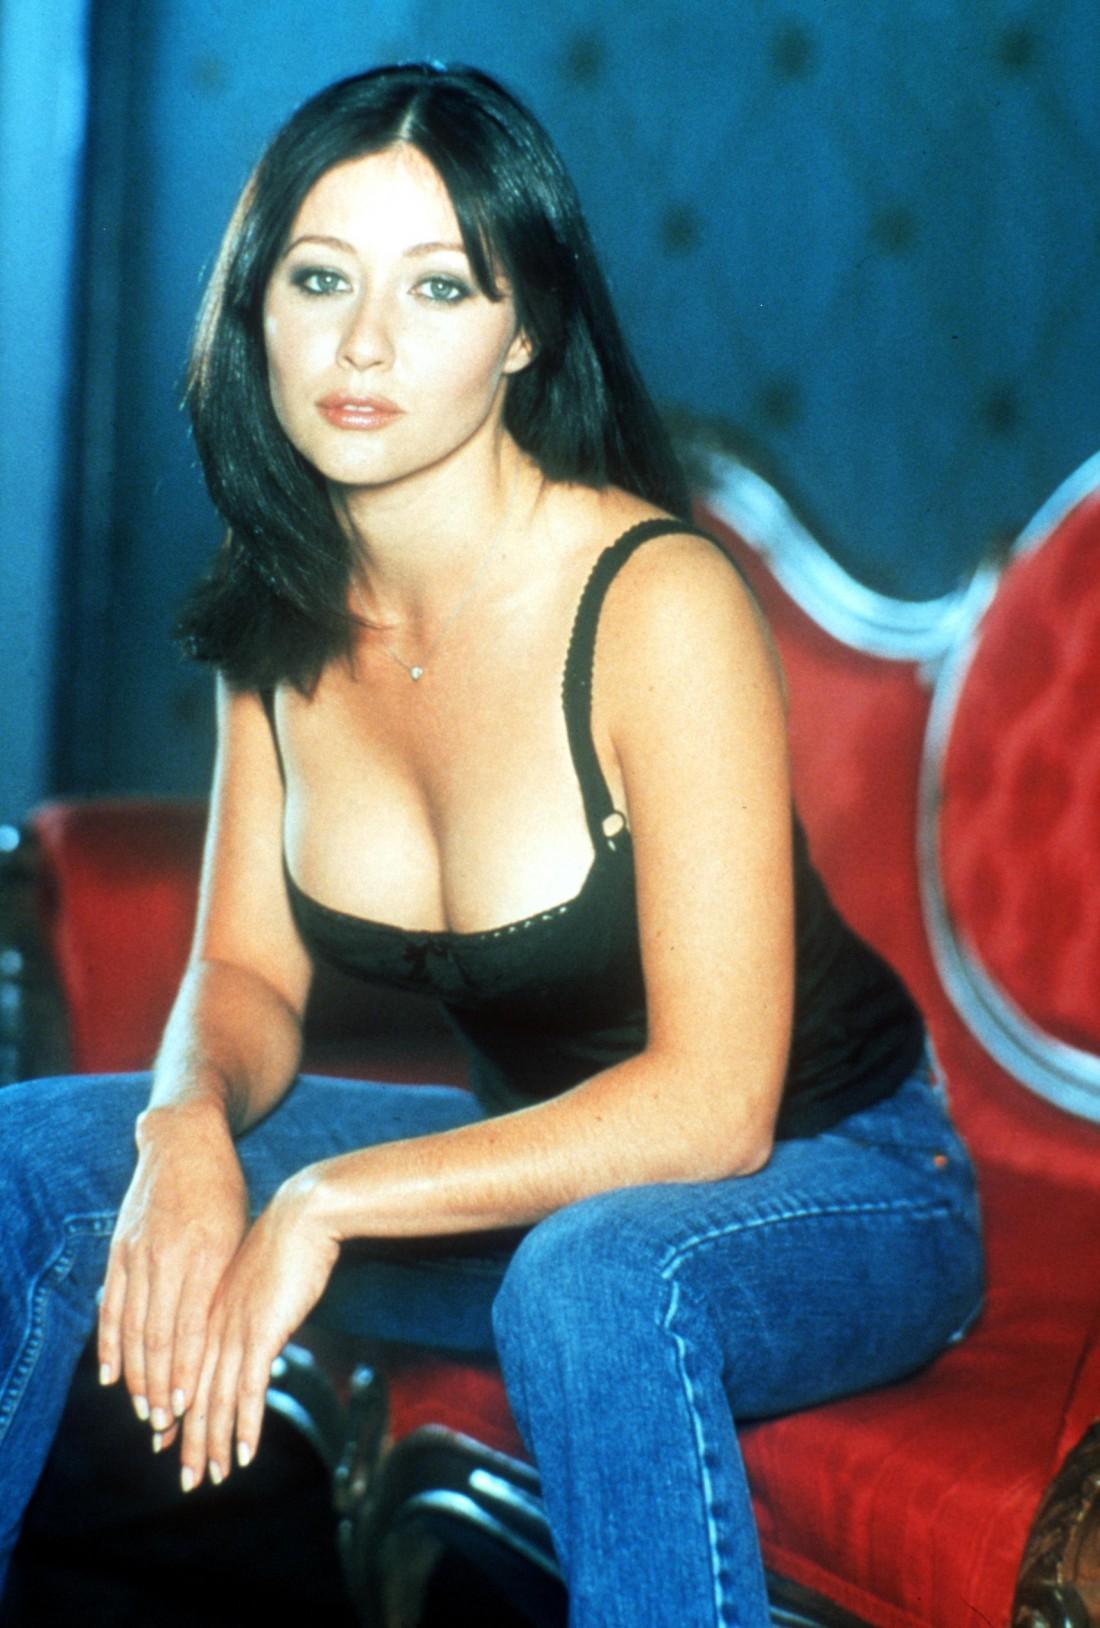 Доэрти исполнилось 46 лет